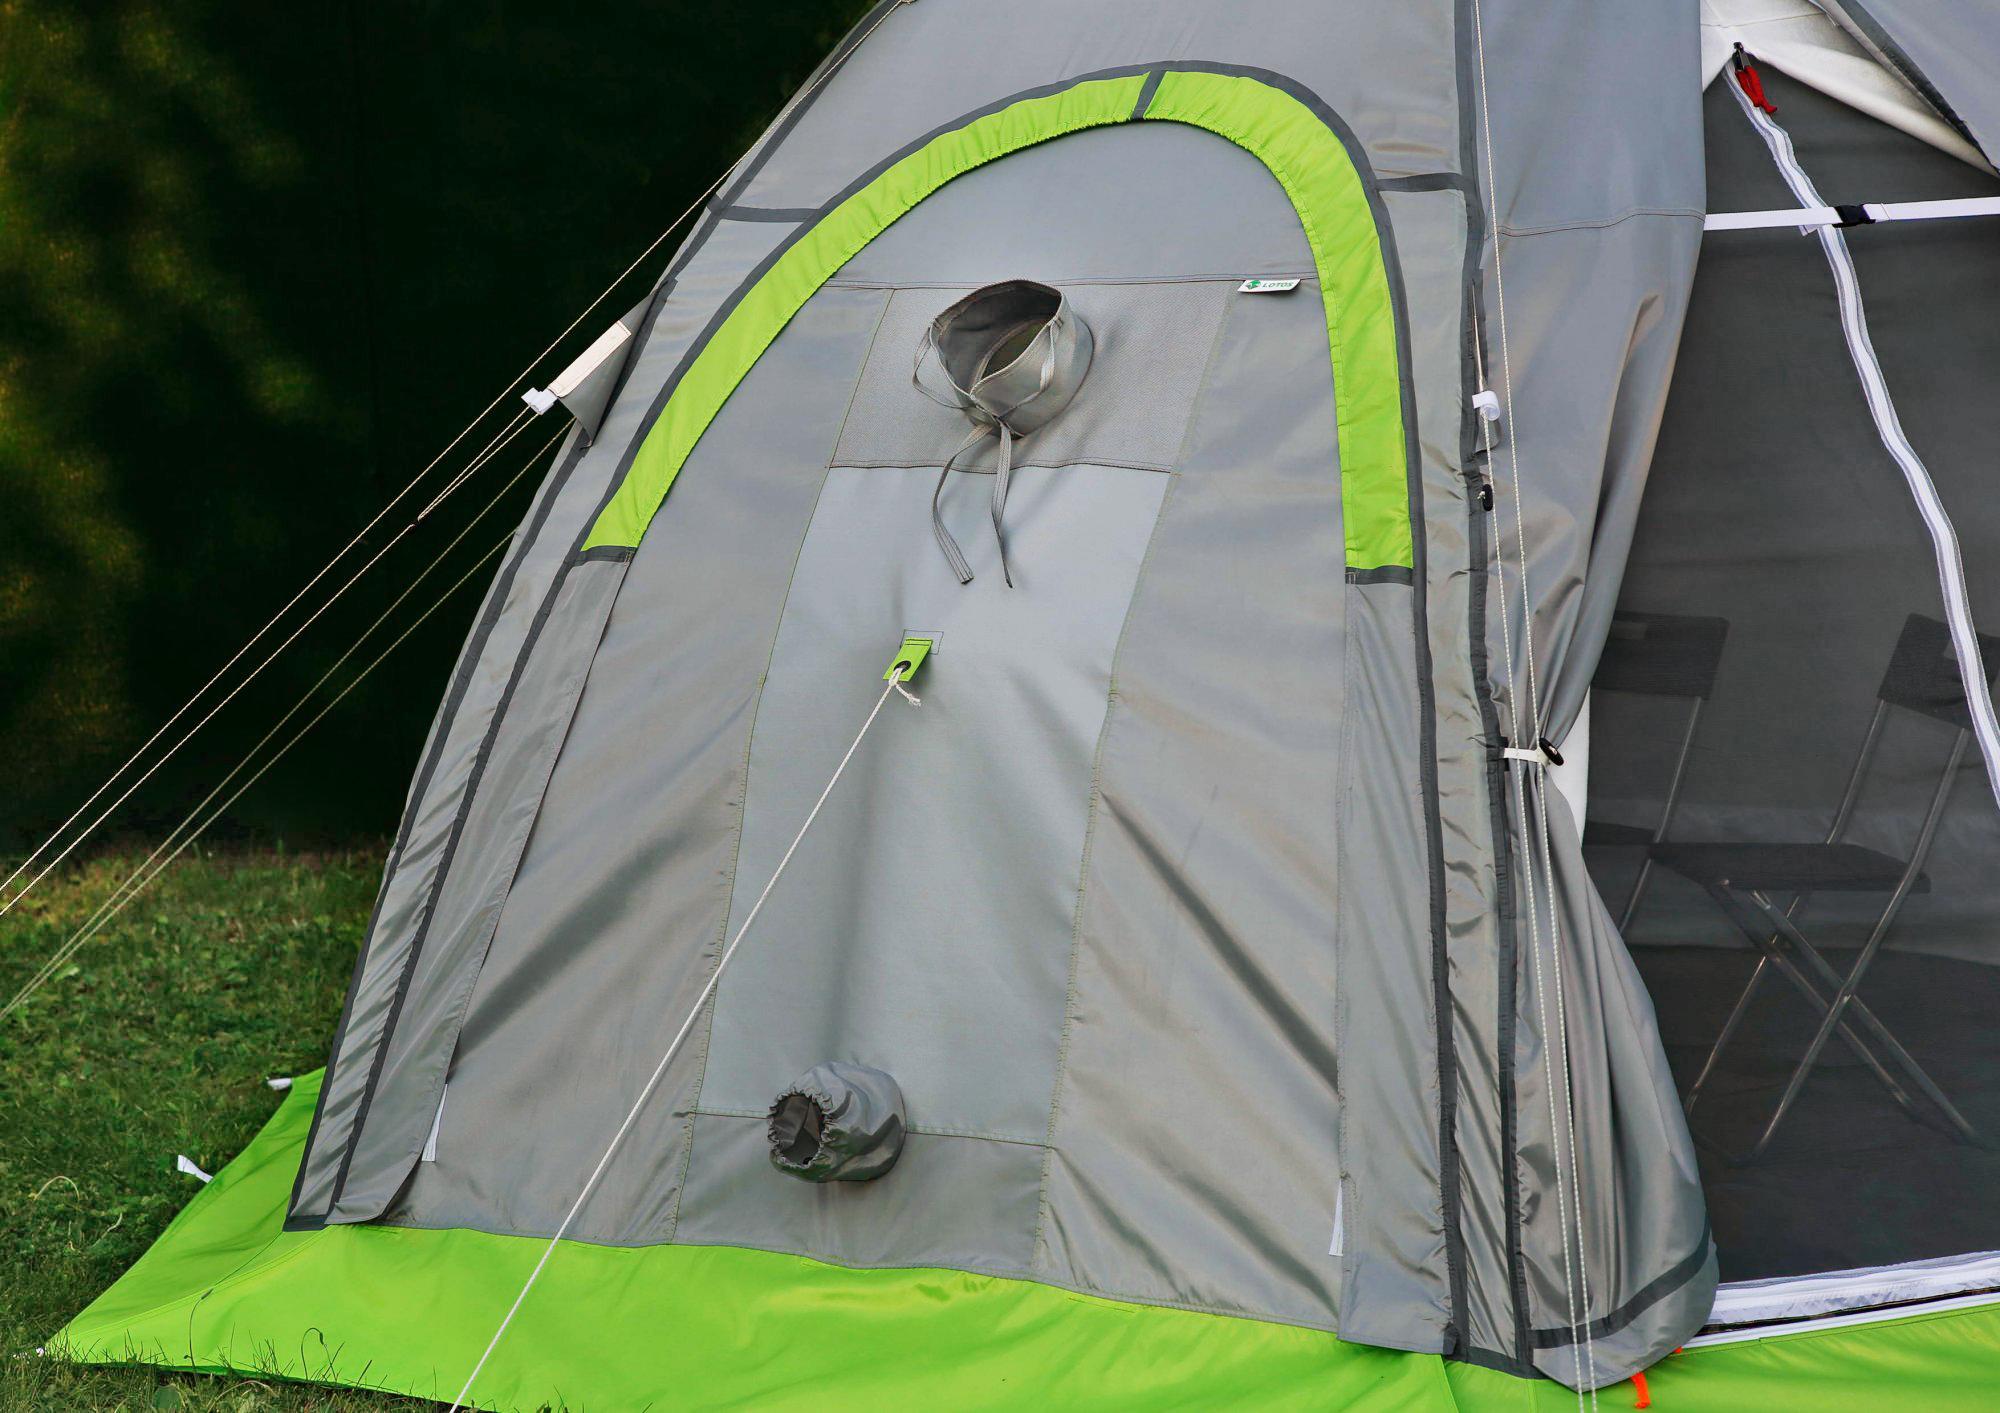 Стенка огнеупорная ЛОТОС 5 (кремнезем) установленная на универсальной палатке Лотос 5 Универсал Спорт